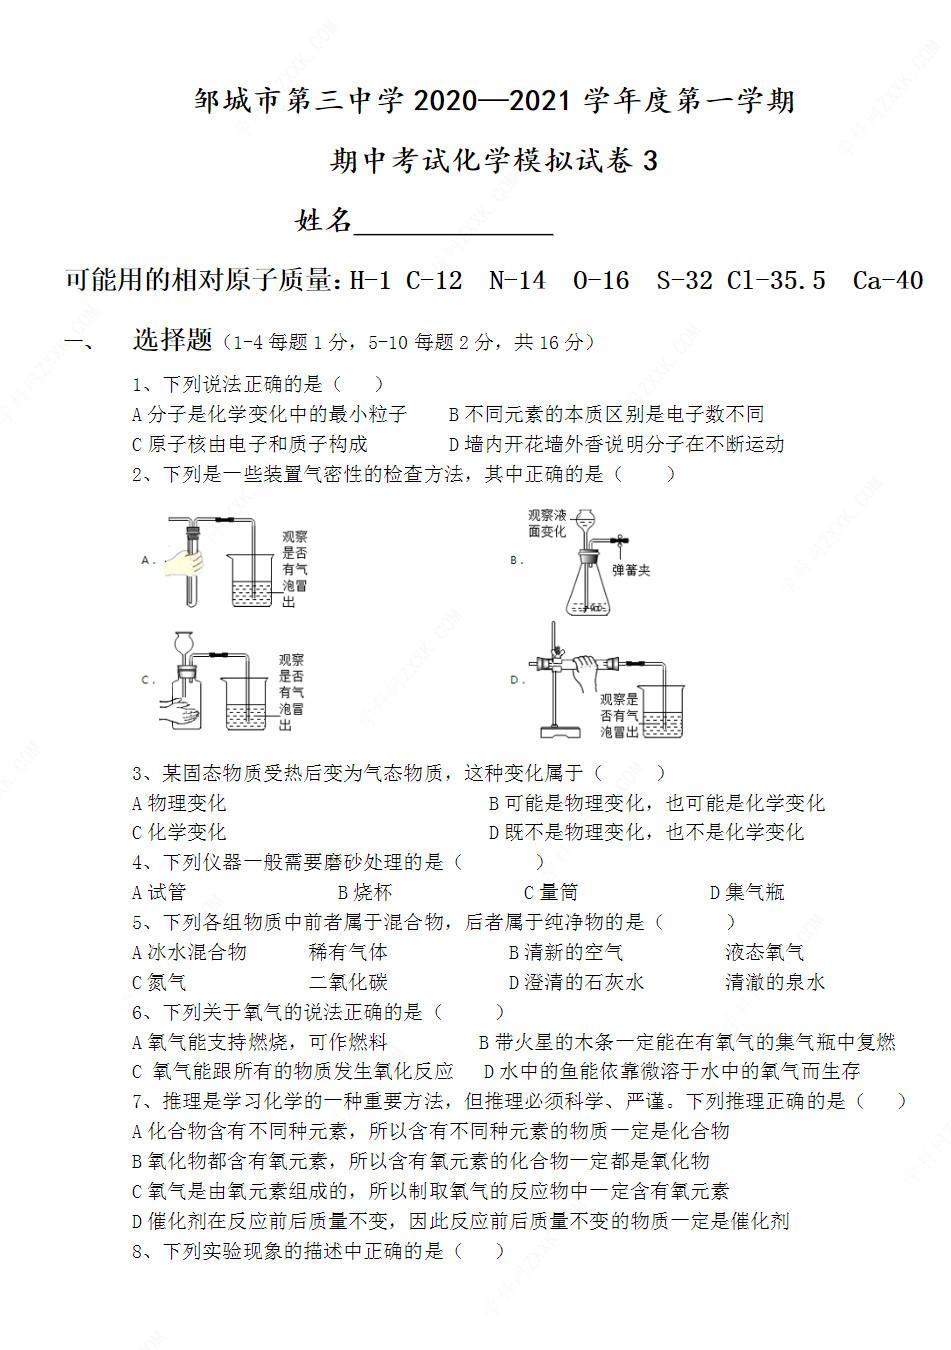 2019-2020邹城市三中初三期中化学模拟试题及答案(PDF下载版)